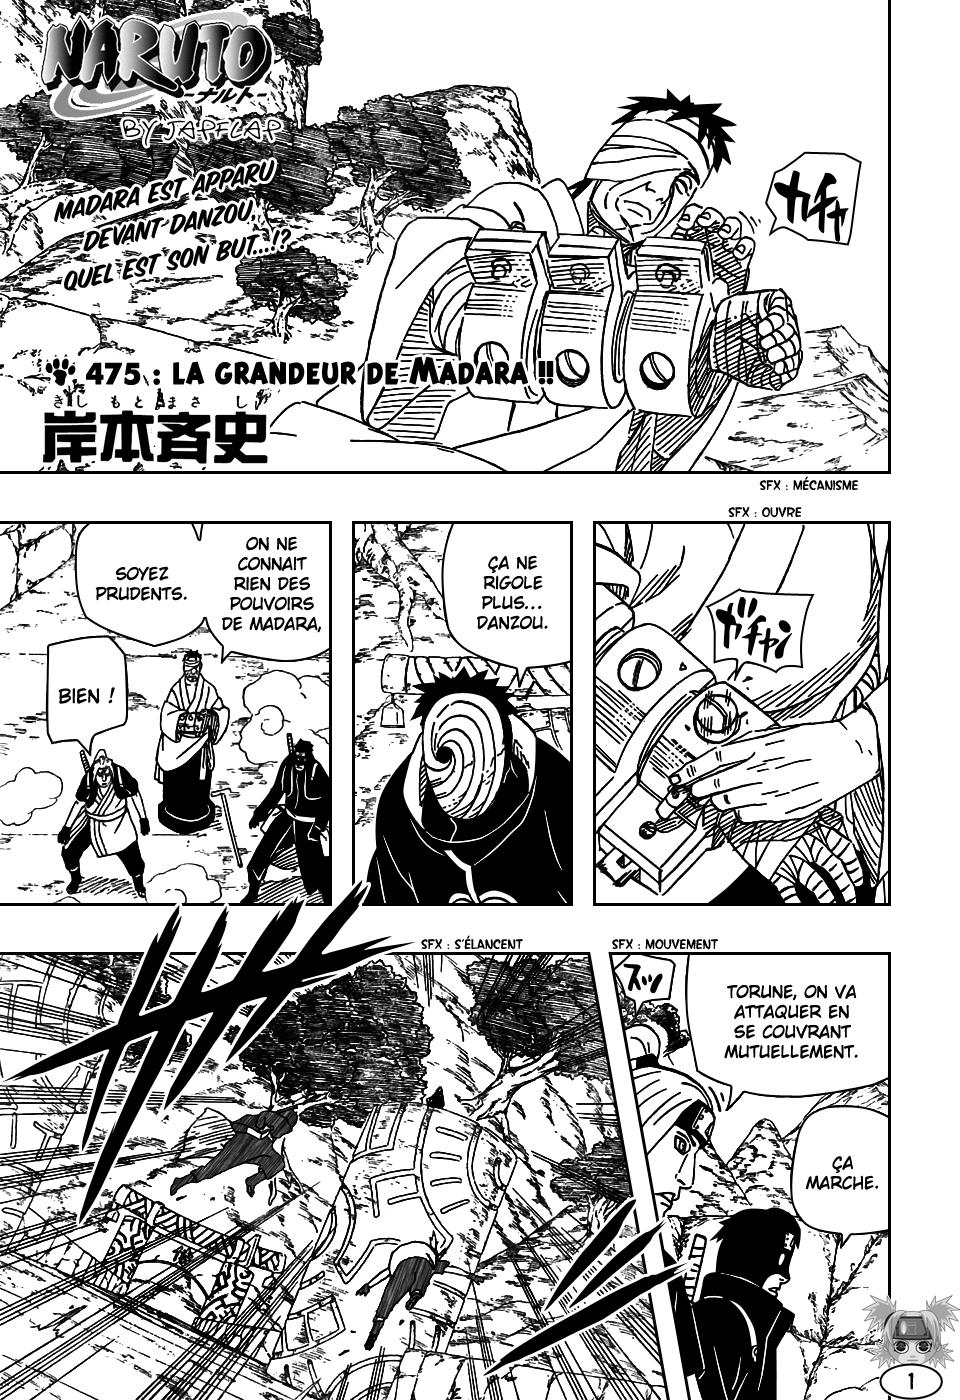 Naruto chapitre 475 - Page 1